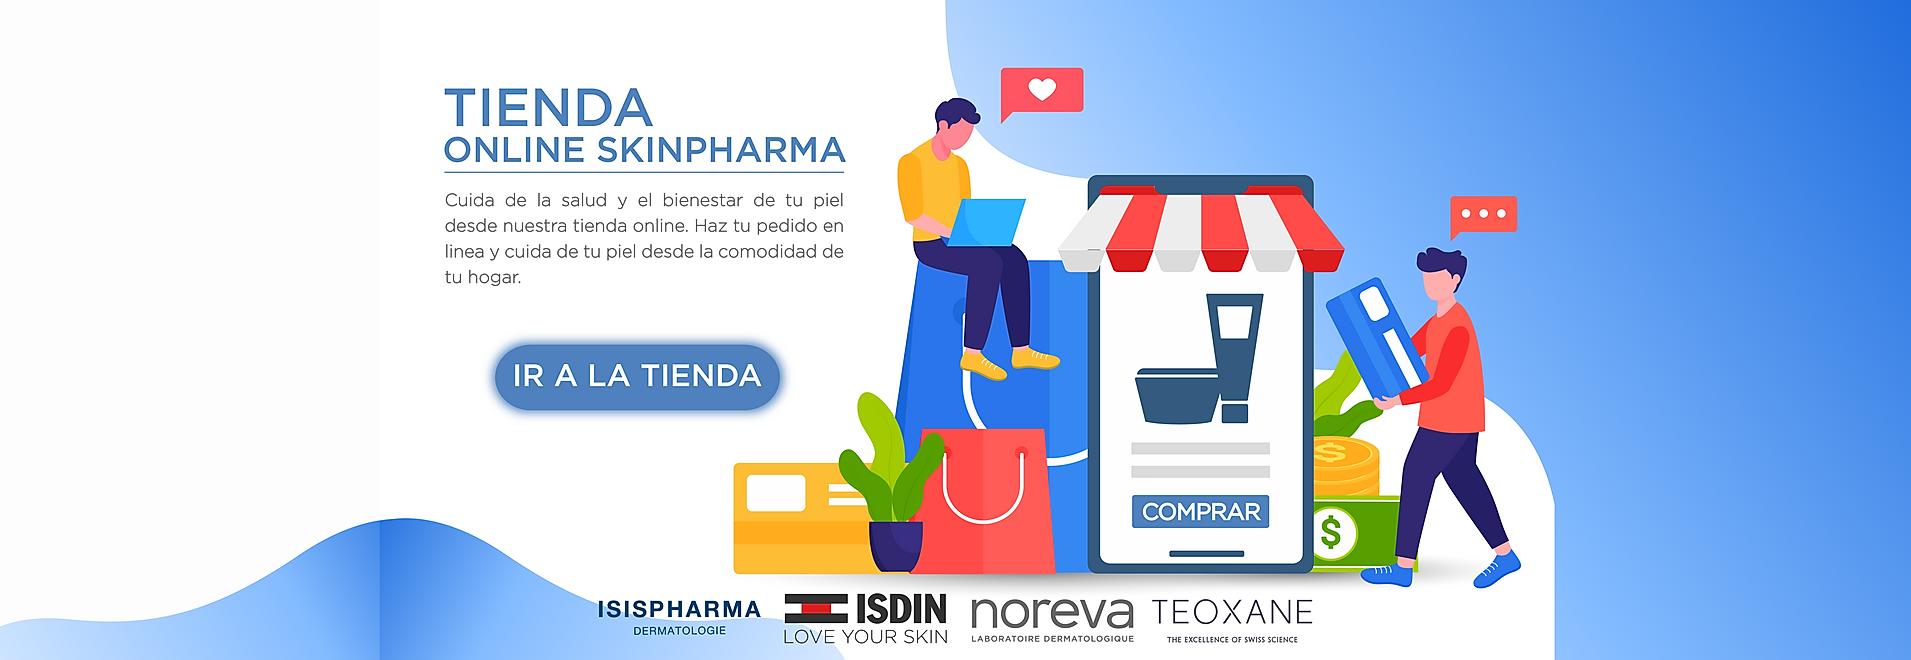 Tienda Online SkinPharma | Guatemala | ¿Como podemos ayudarte a cuidar la salud y el bienestar de tu piel?